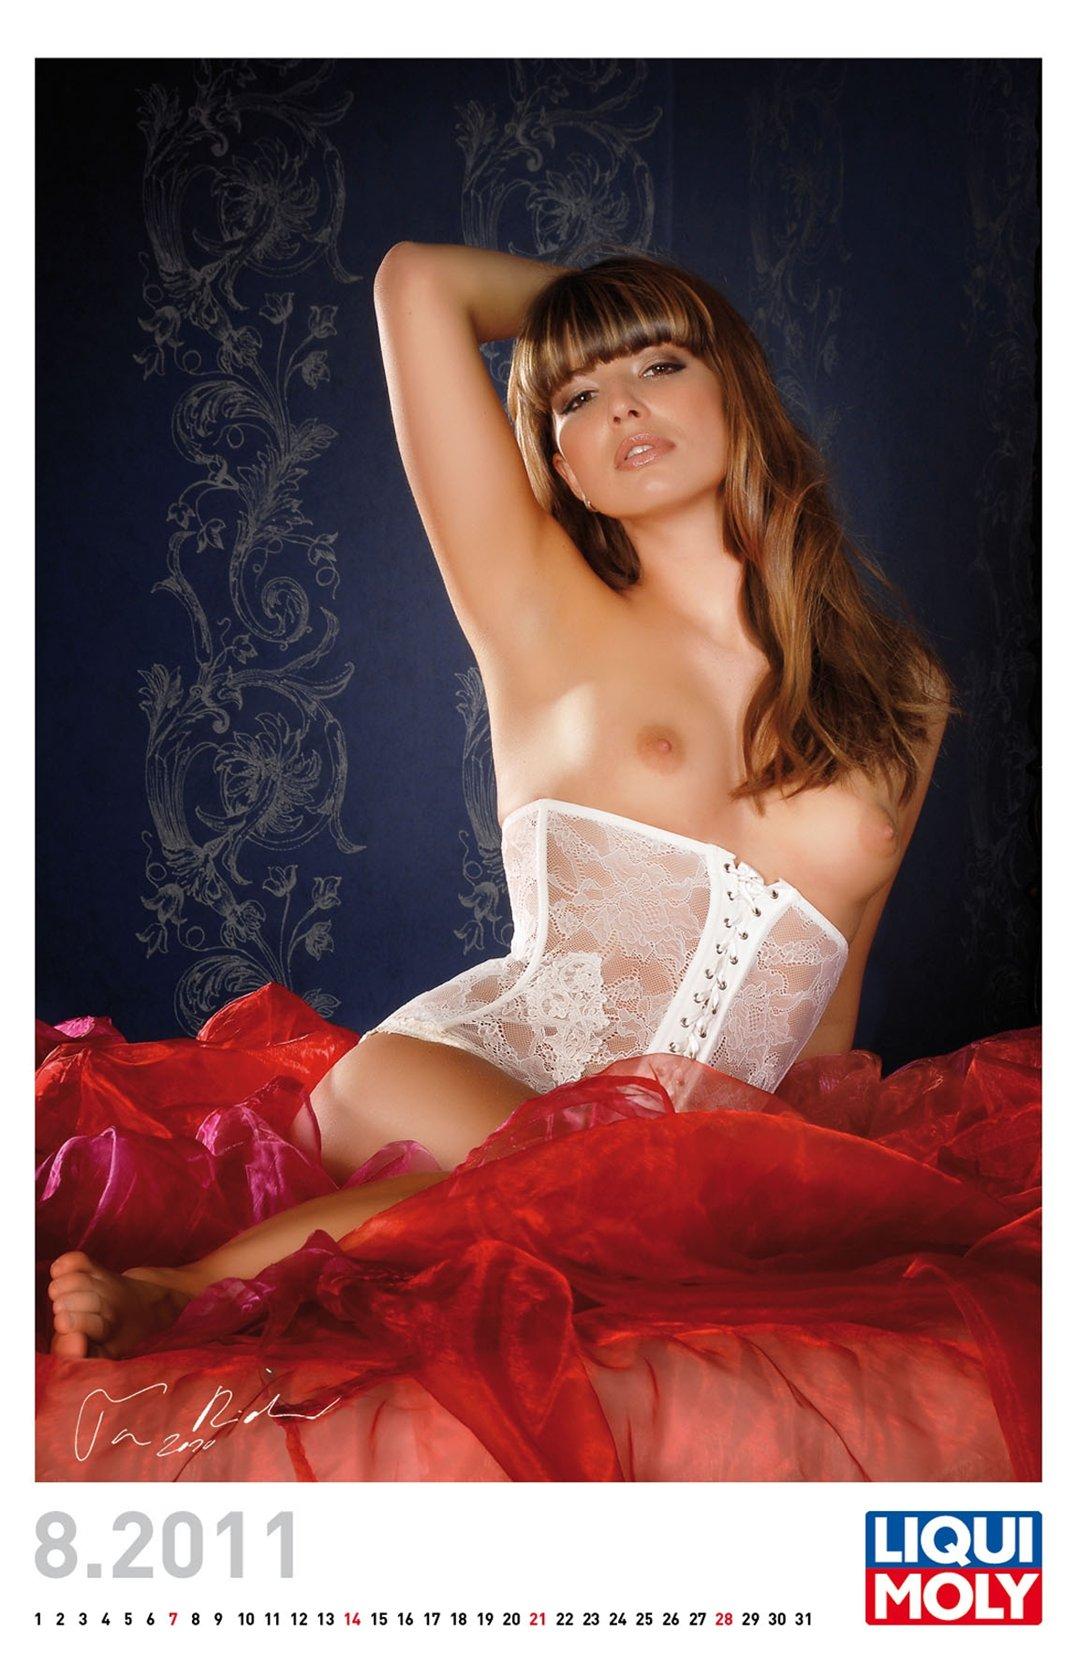 эротический календарь Liqui Moly calendar 2011 - август